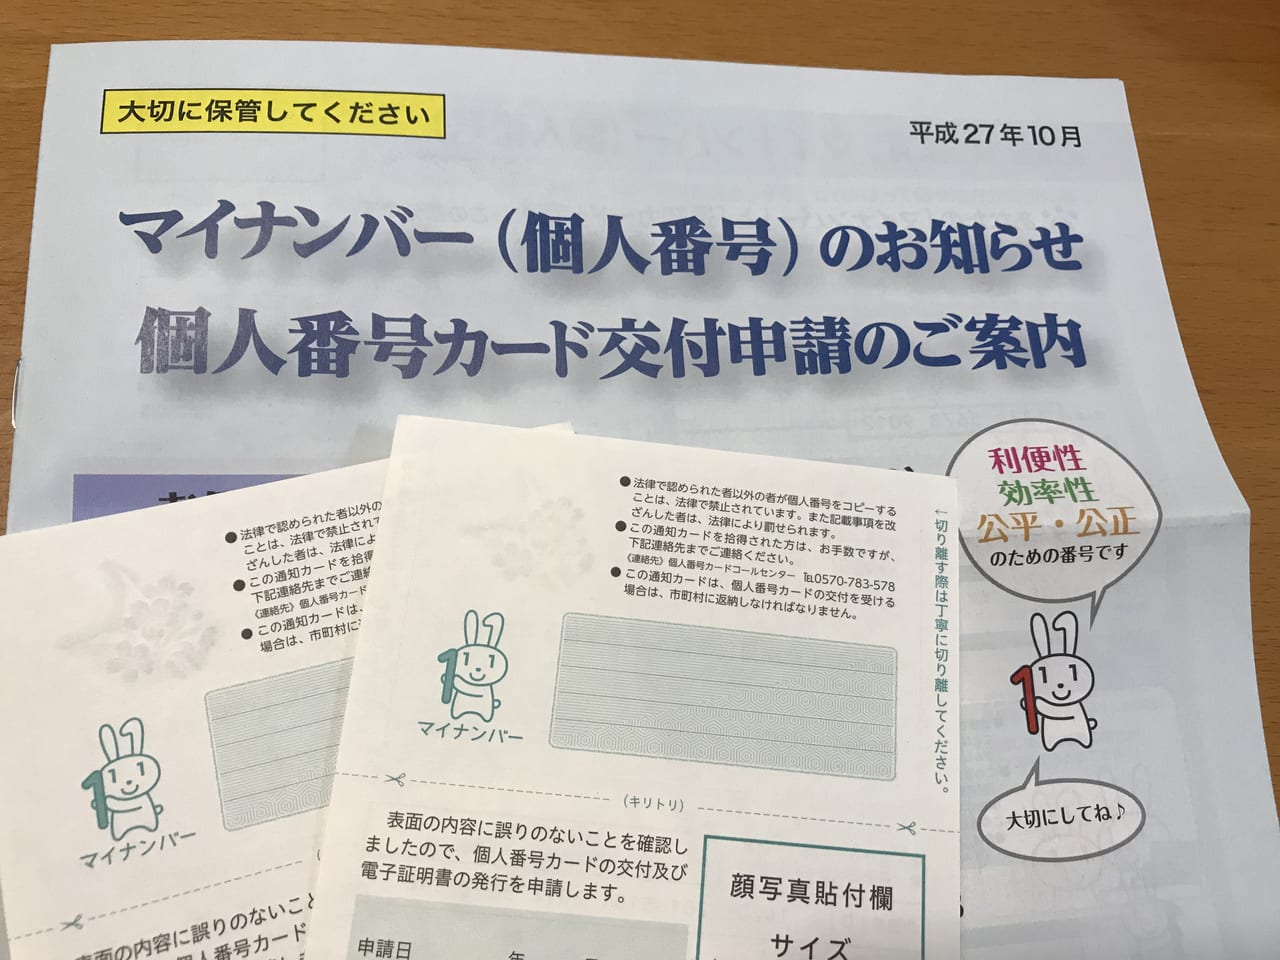 10万円給付 城東区 大阪市